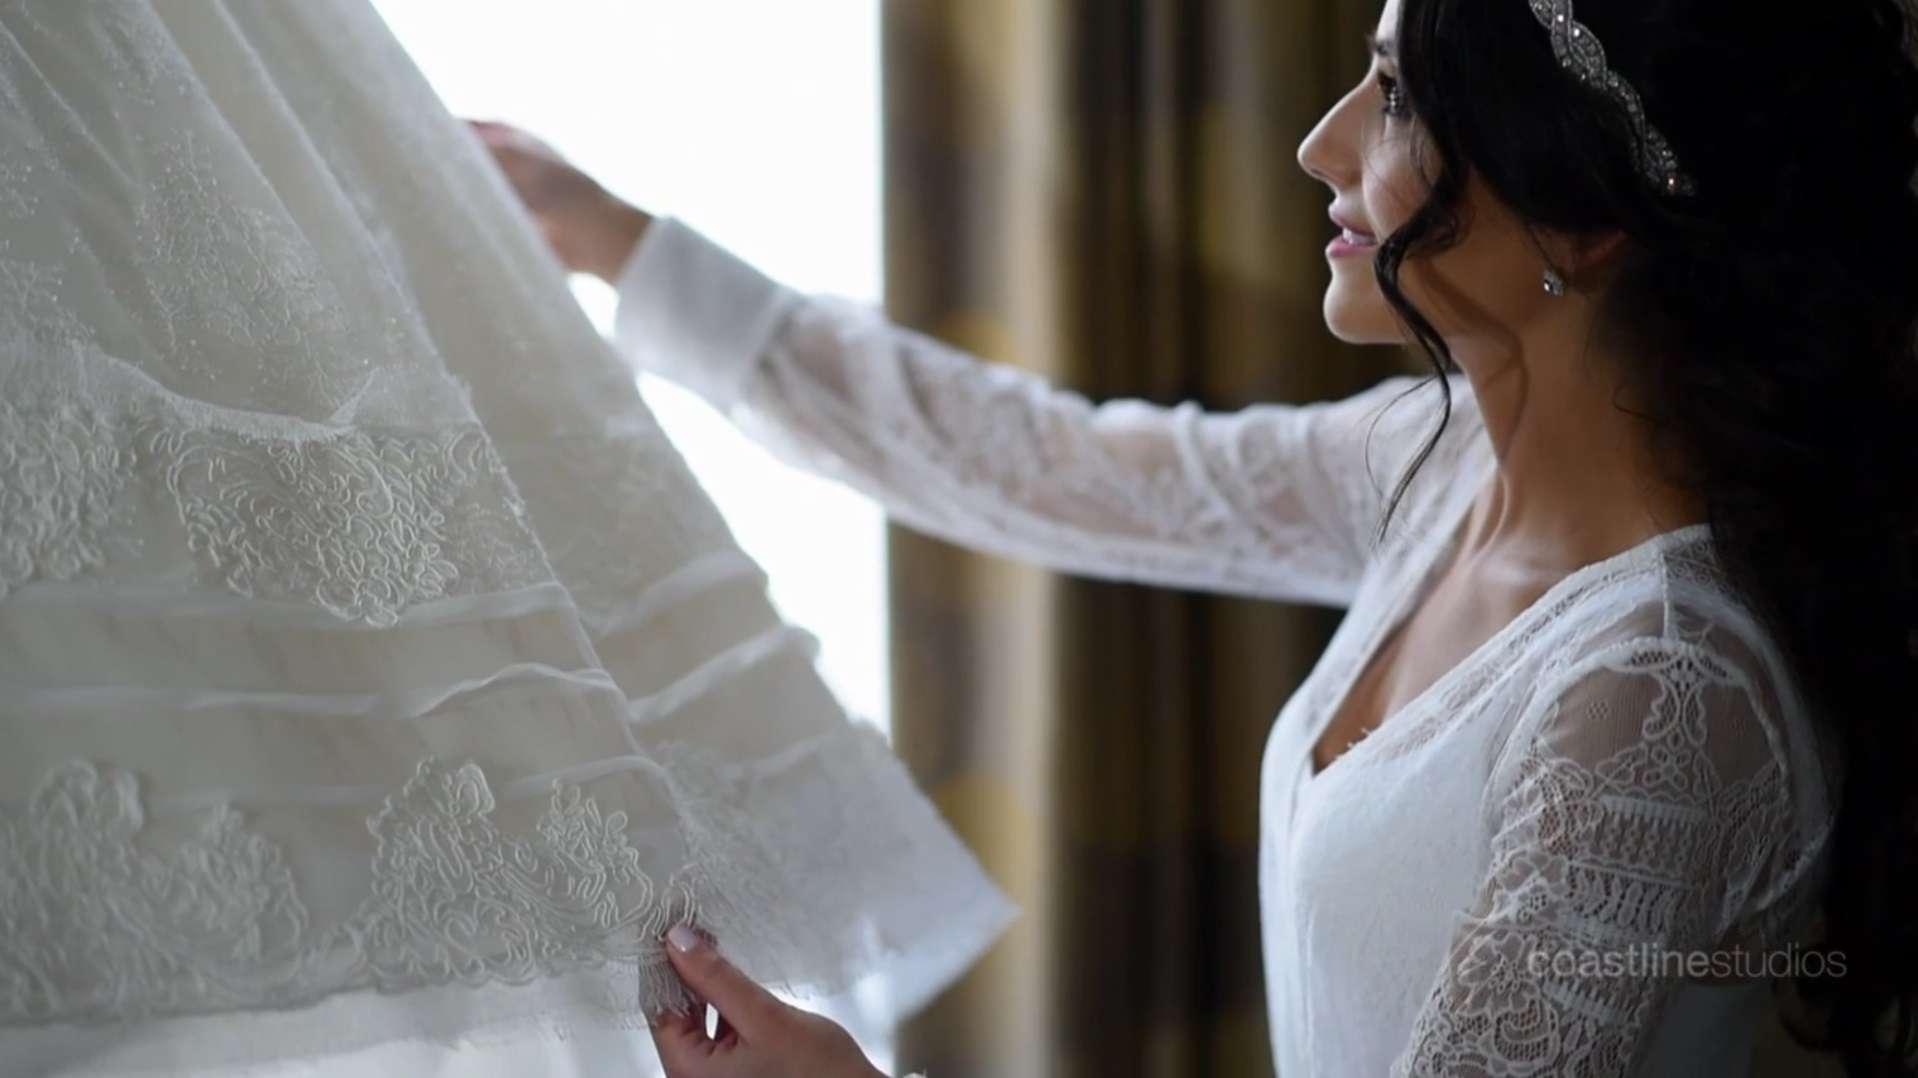 Eman + Sammy's Theatrical Wedding Reception Trailer